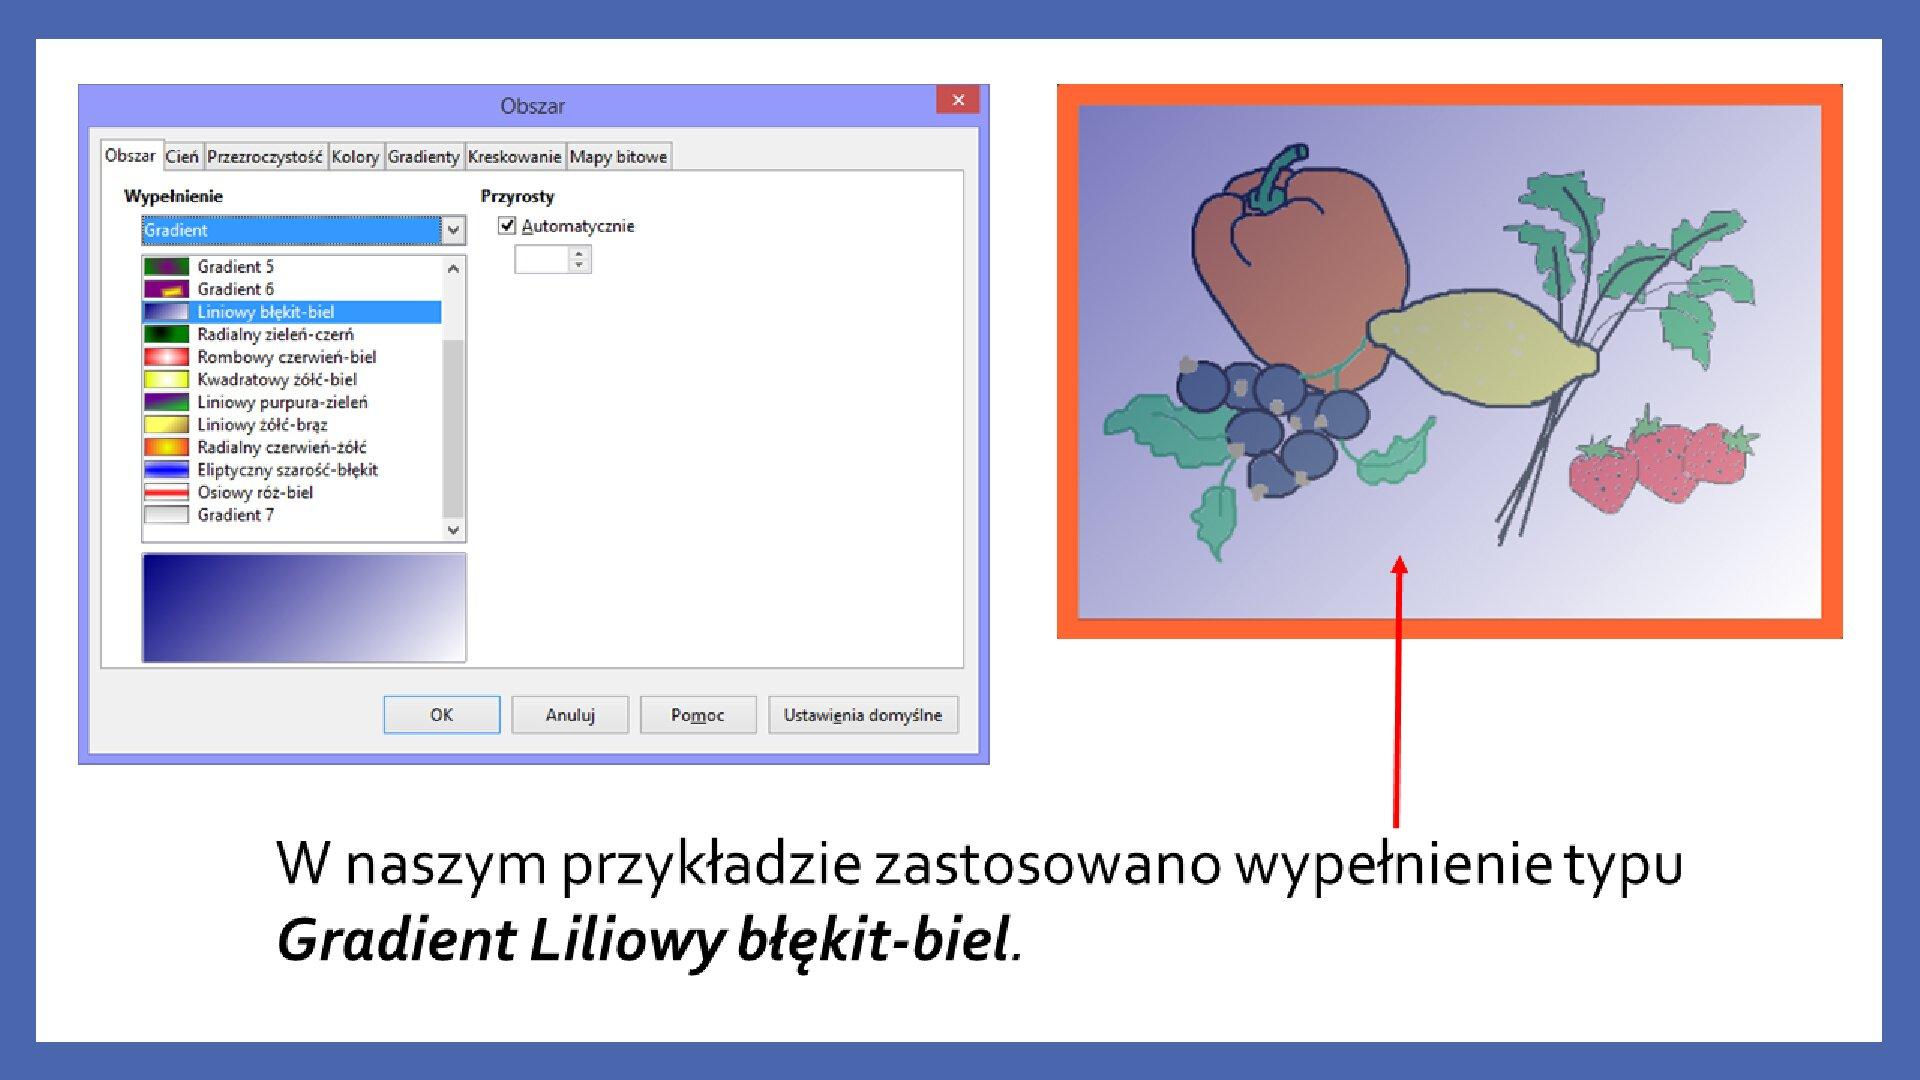 Slajd 9 galerii zrzutów slajdów: Modyfikacja obiektów wprogramie LibreOffice Impress